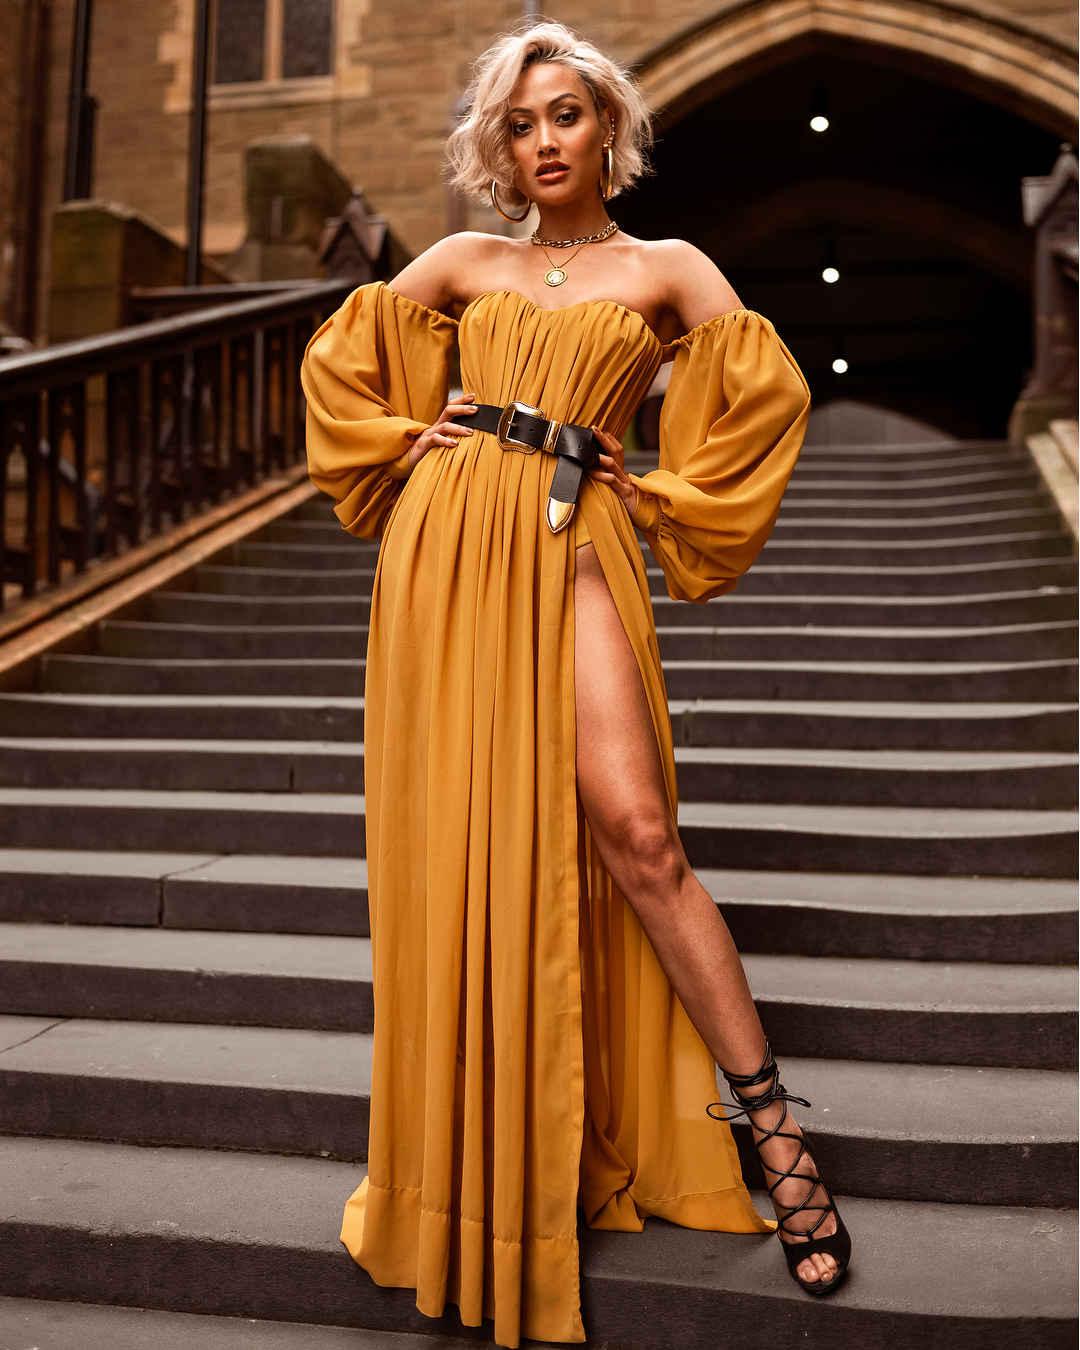 Платье с открытыми плечами: 30 моделей, которые подарят вам настоящую женственность